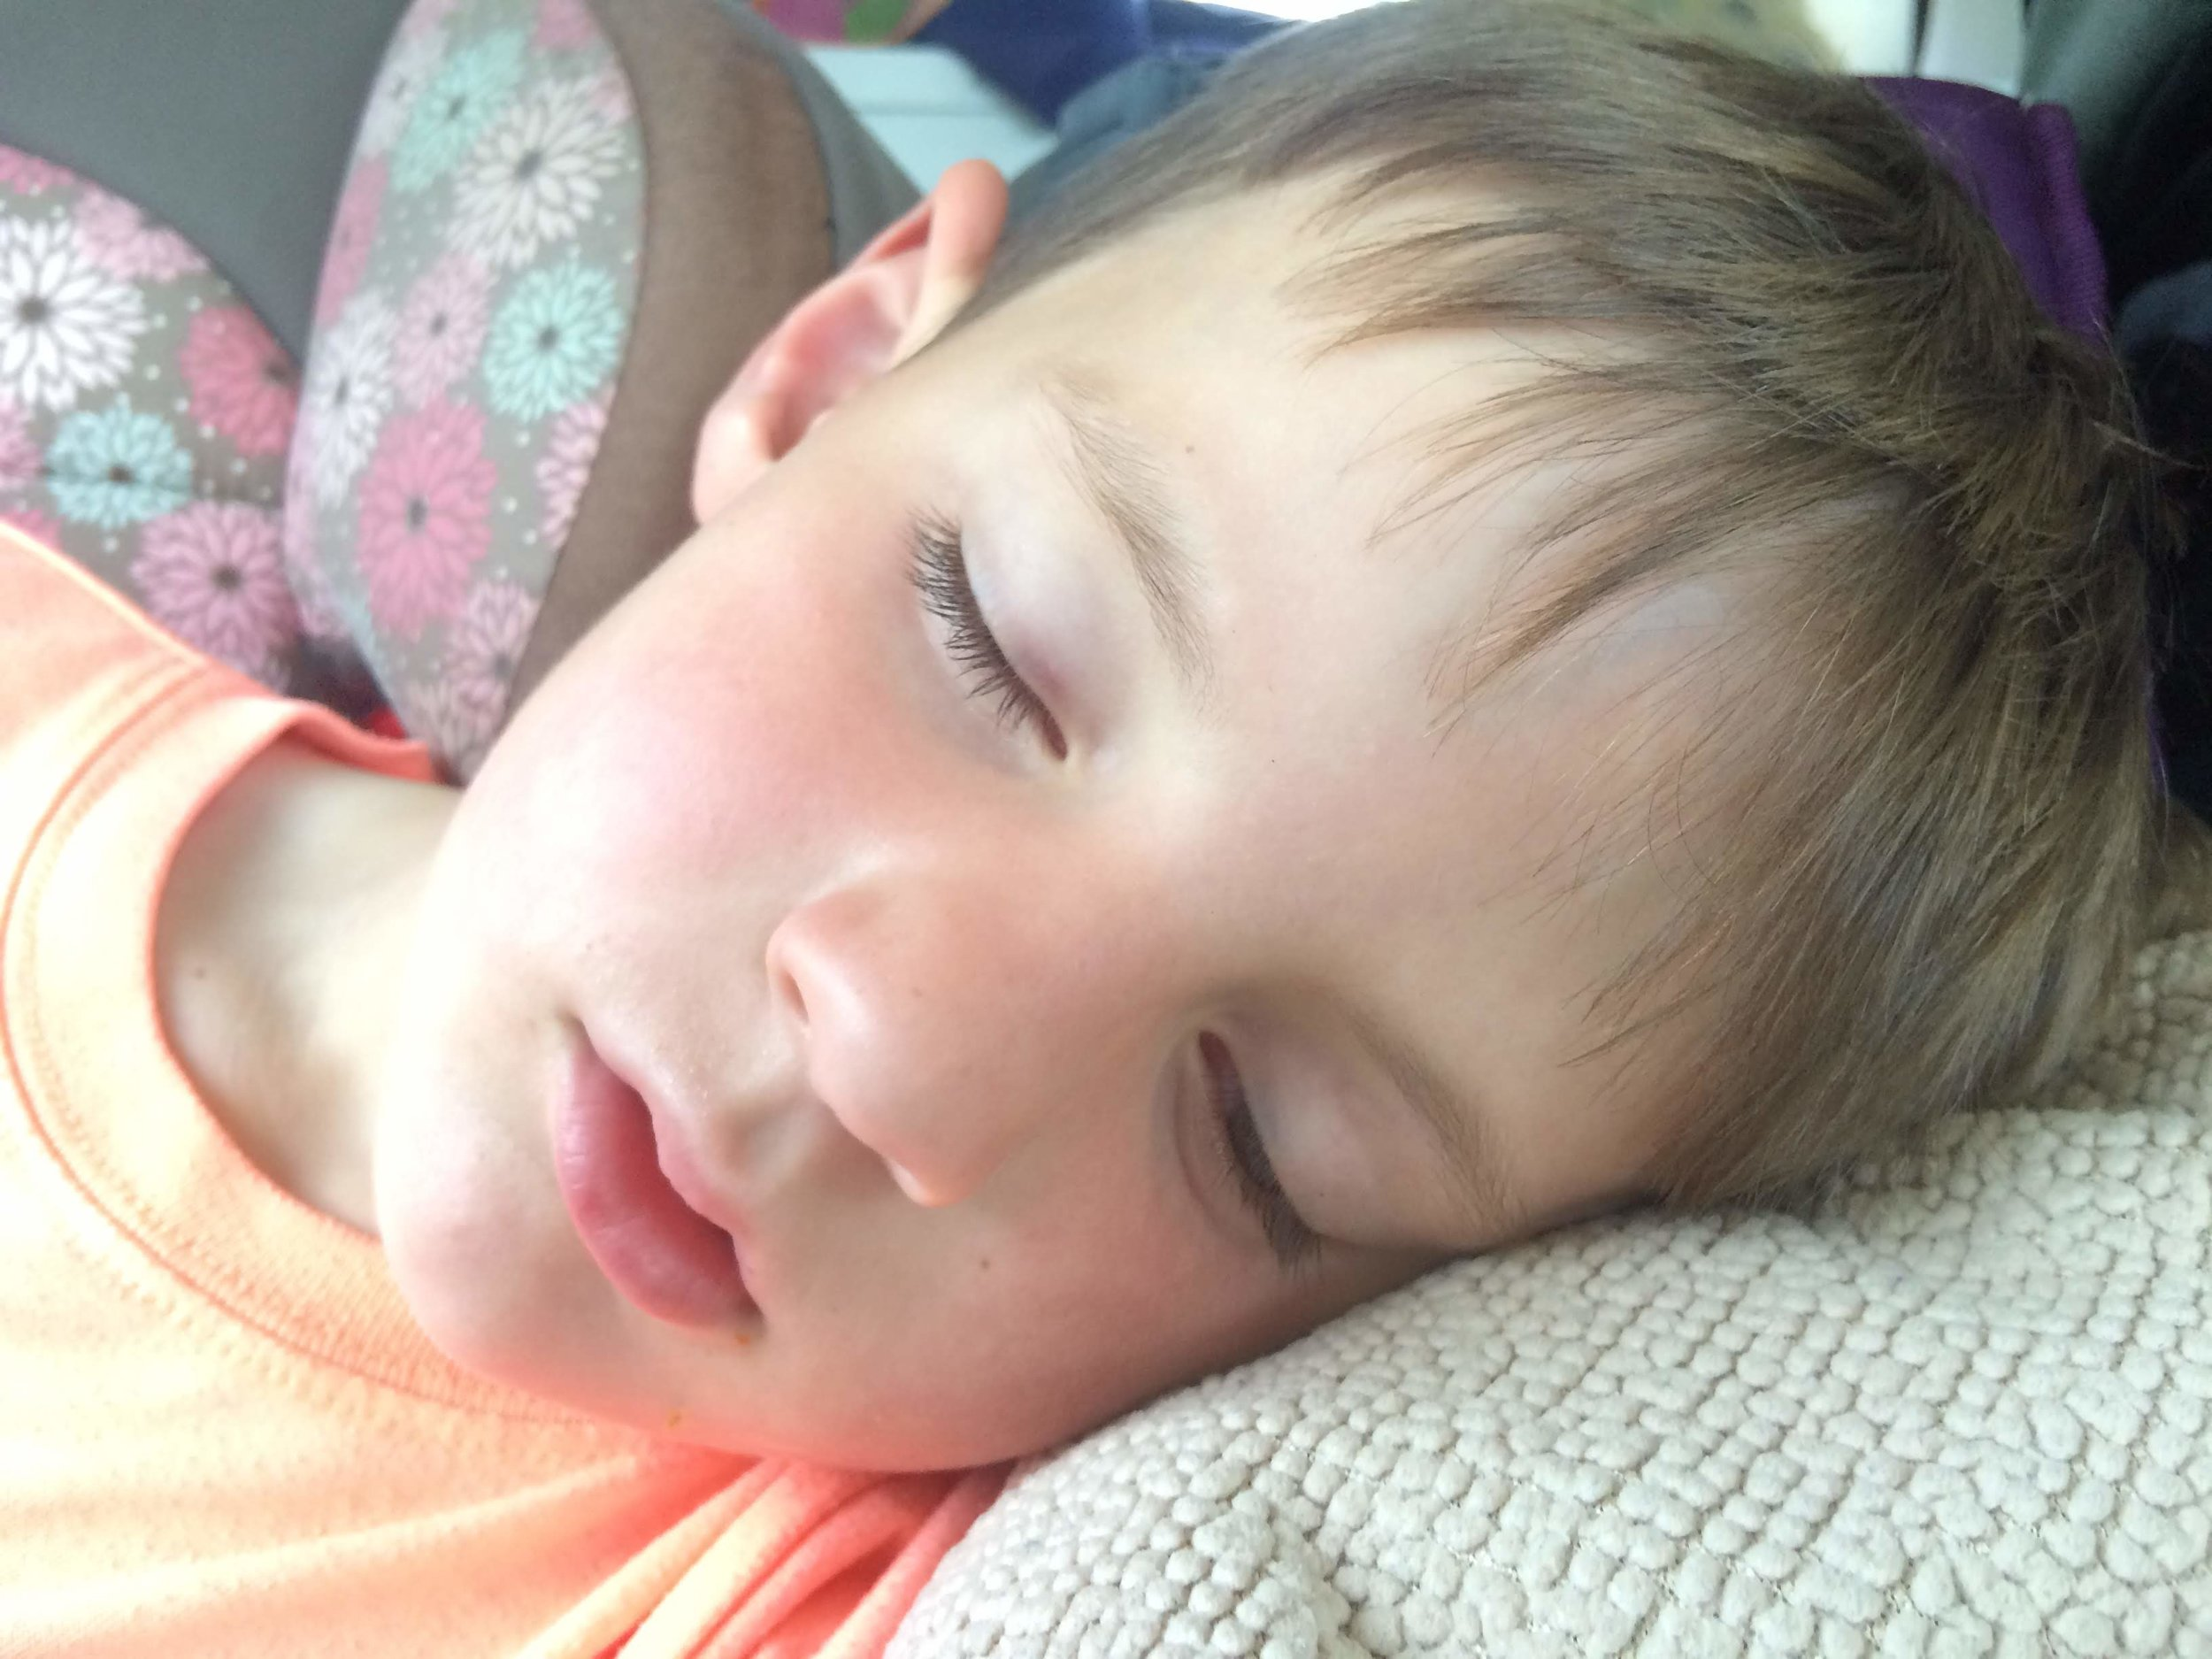 Asleep already?!? C'mom kid - keep up!!